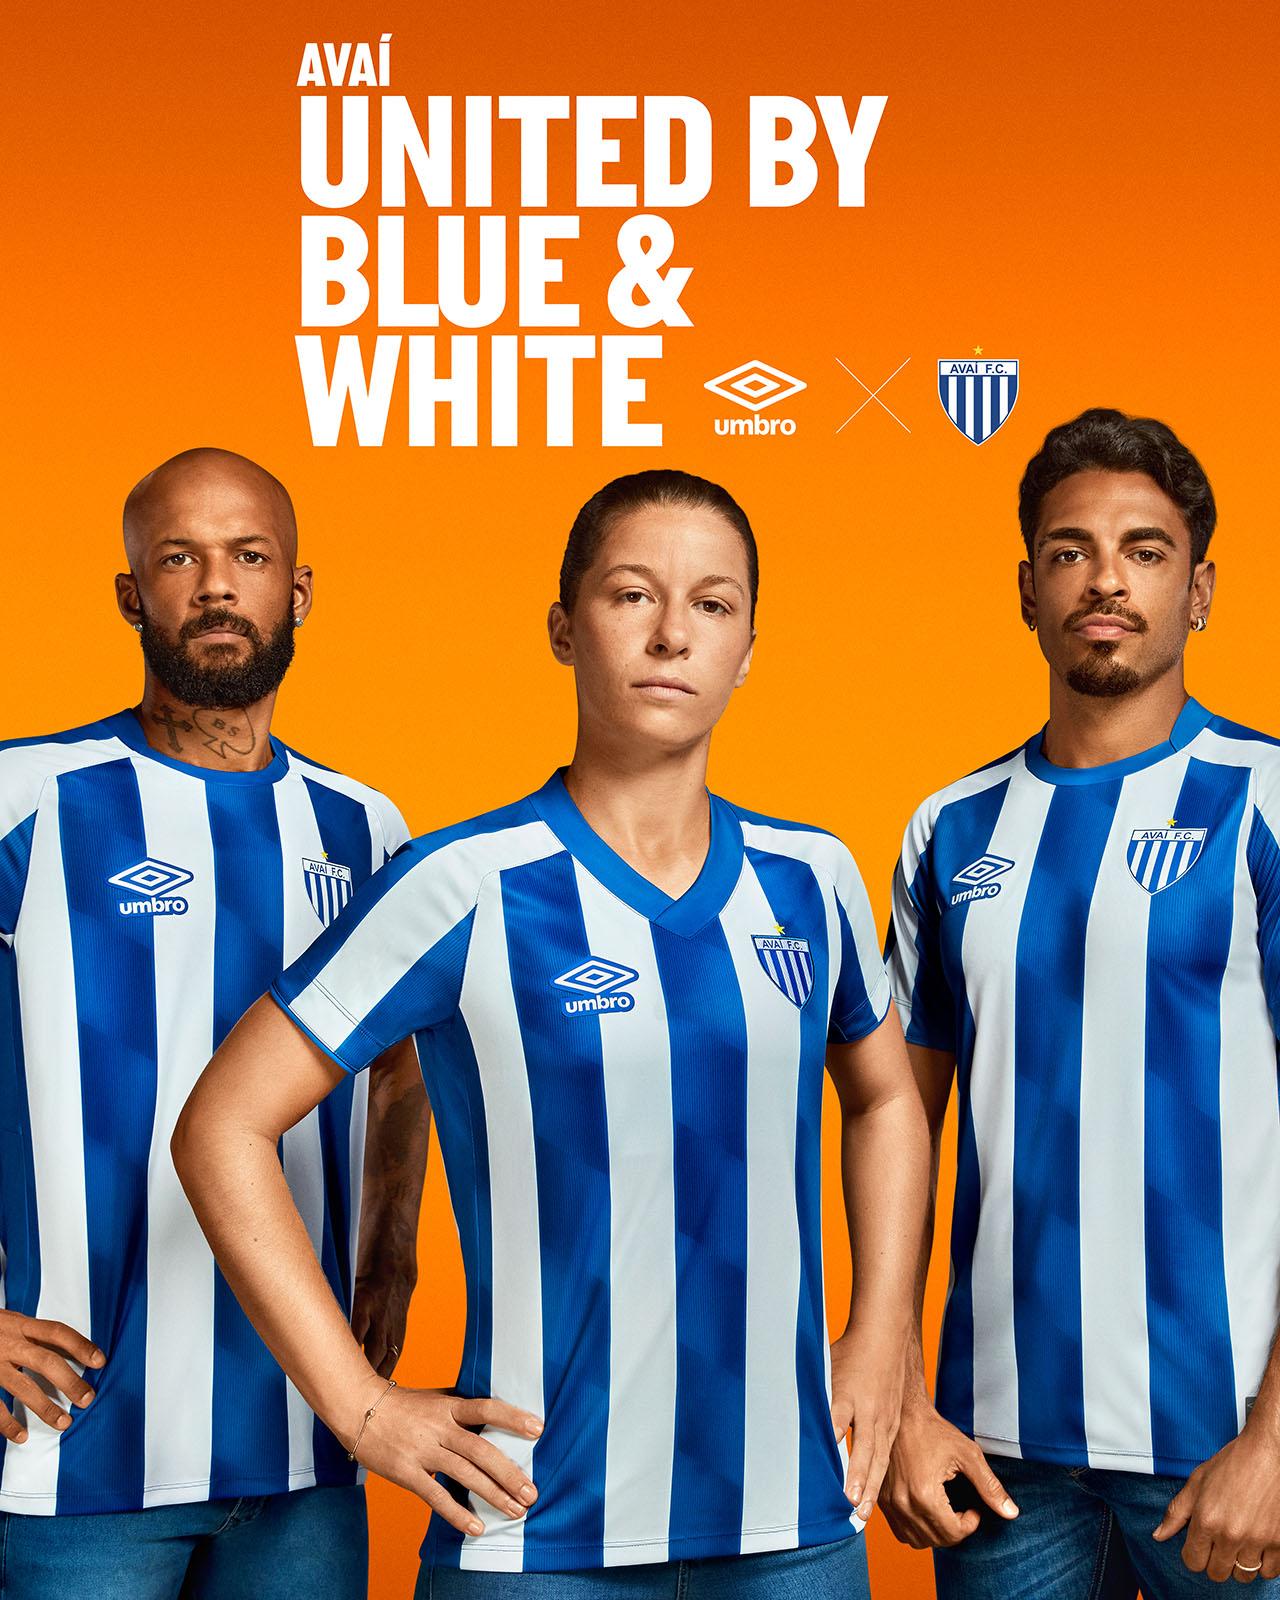 Camisas do Avaí FC 2021 Umbro Titular